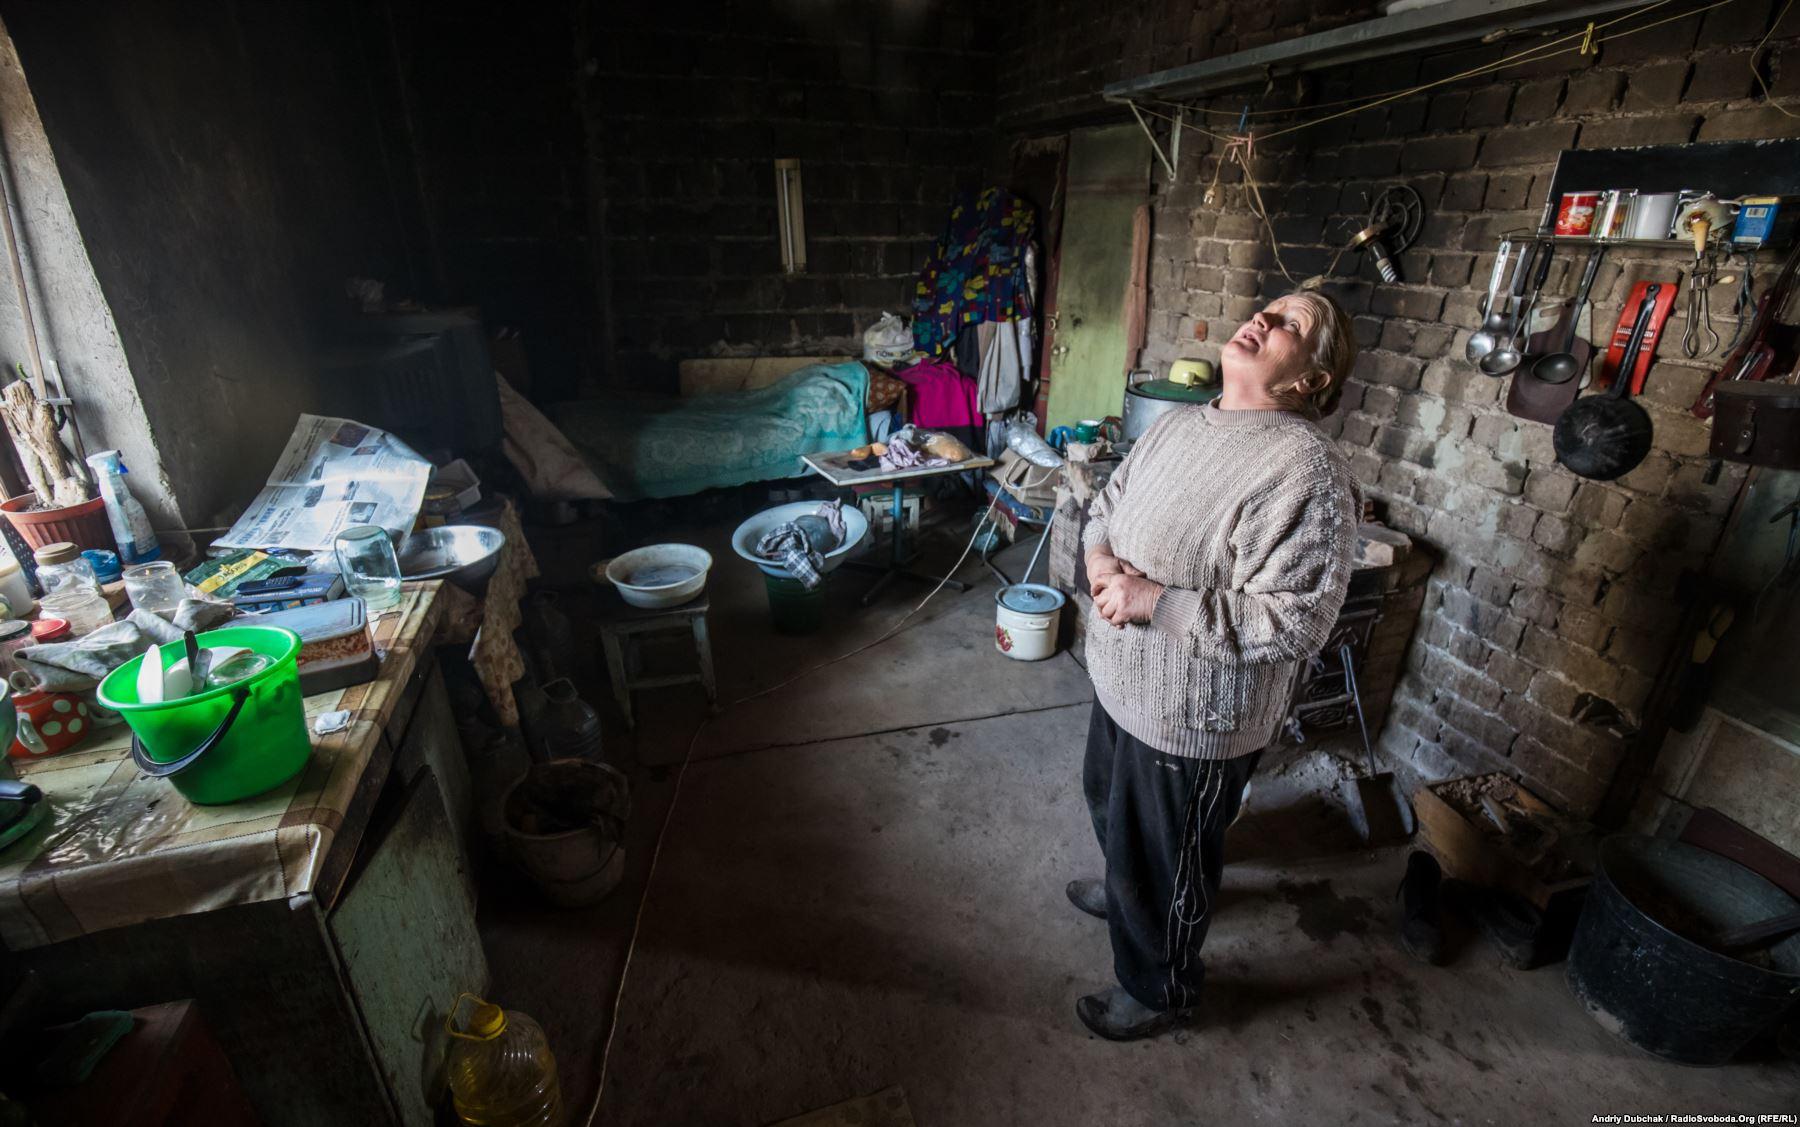 Ще одна мешканка села «баба Зоя» (так жінку називають військові) у своїй хаті. Чоловік та син жінки померли, живе вона сама. Після початку бойових дій ще одна її дитина – дочка – та чотири онуки виїхали у Росію. Періодично навідує їх у Нижньому Новгороді. Має город та вирощує кіз, свиней, качок, курей